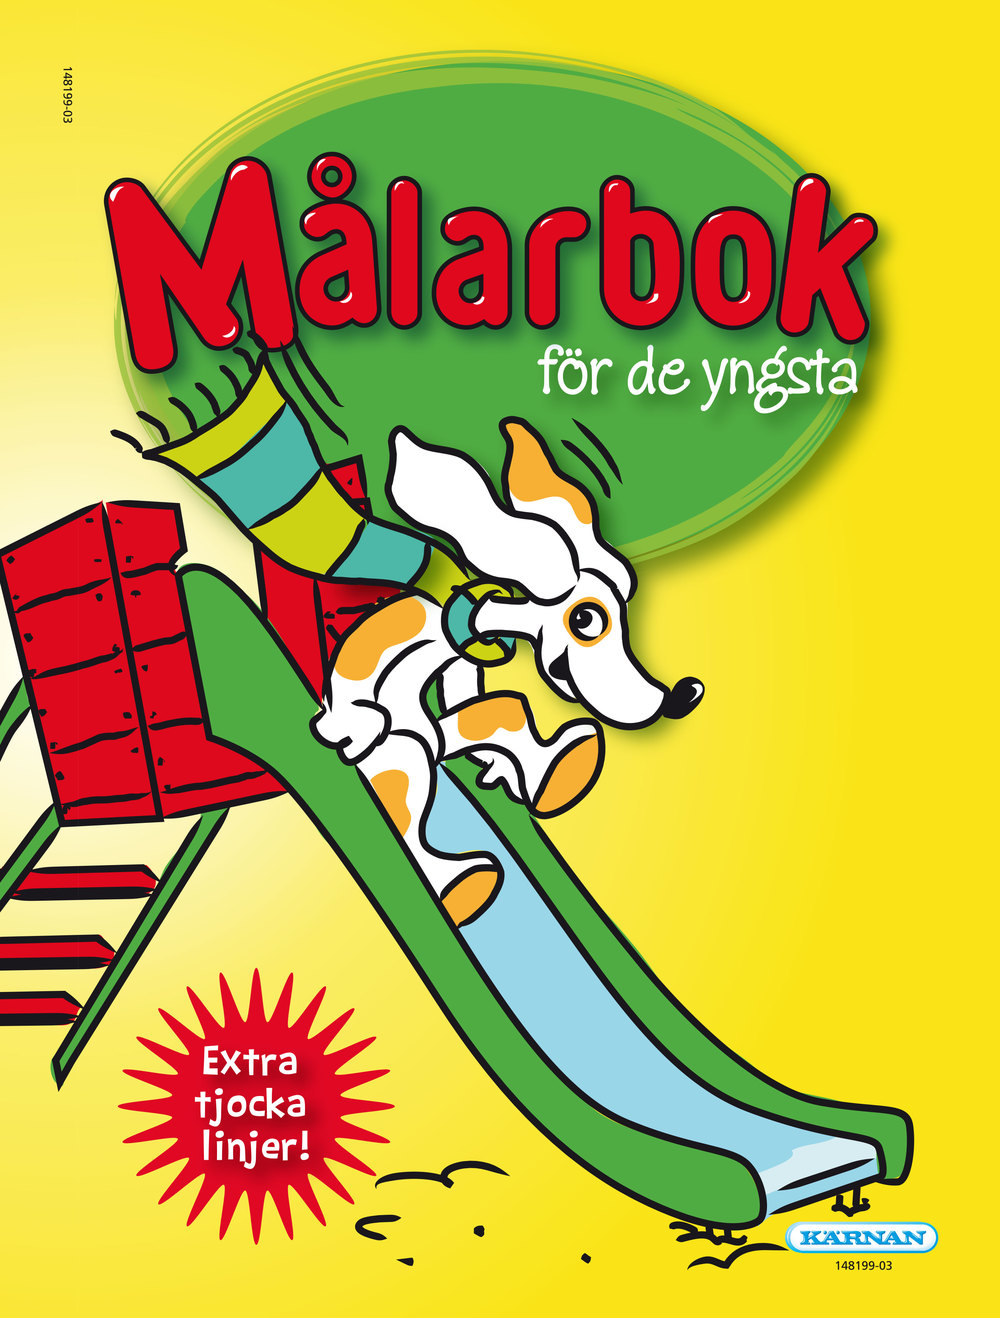 Malarbok-for-yngsta-print.jpg